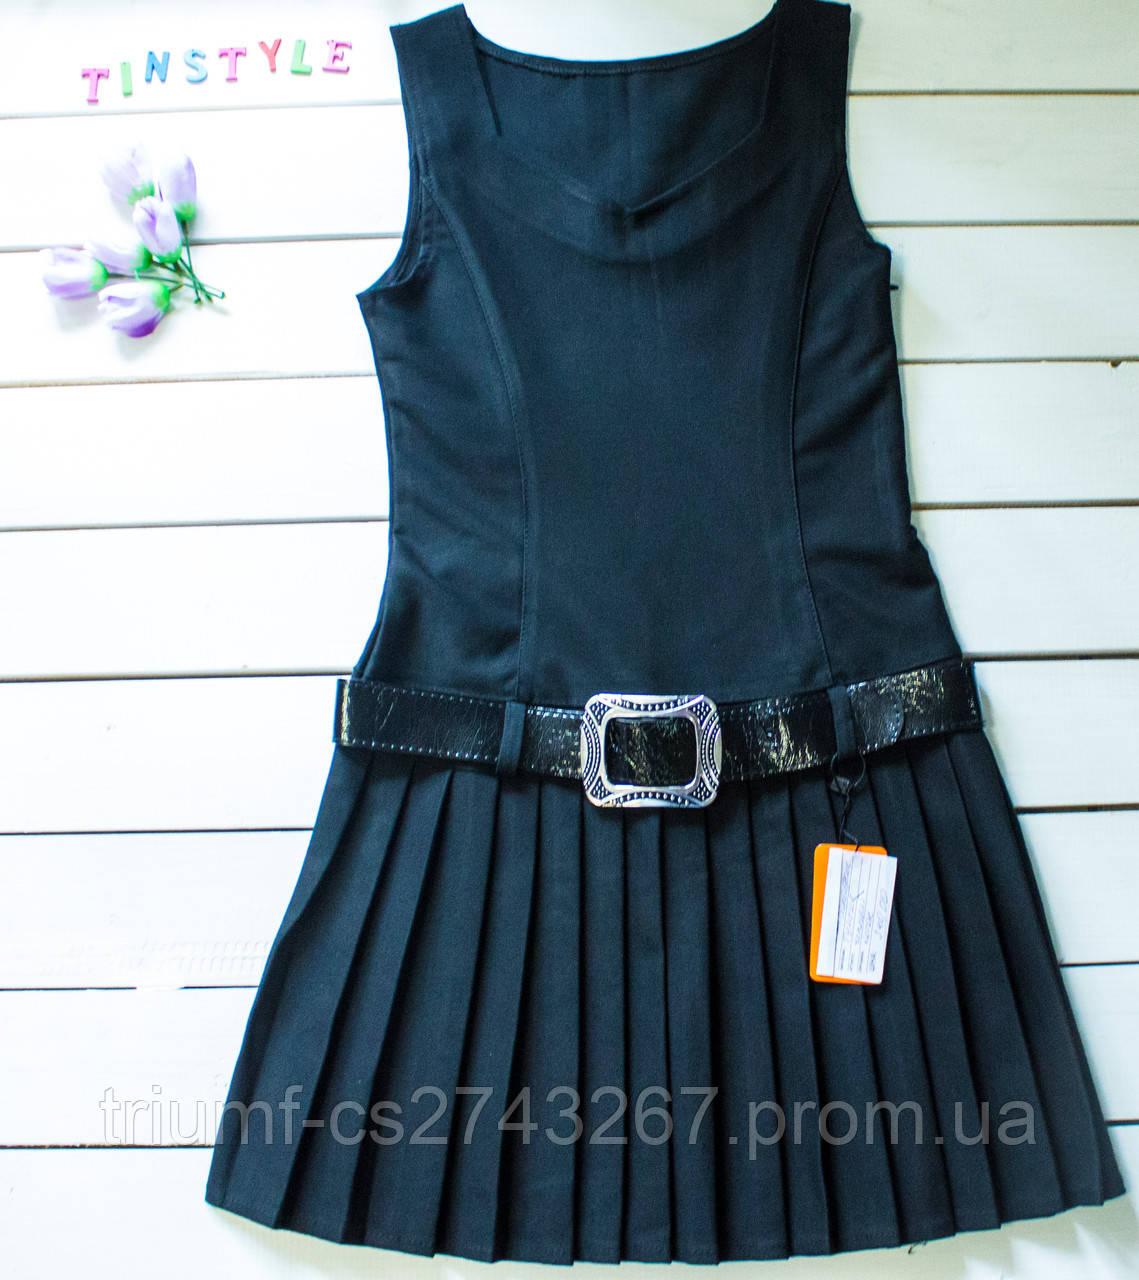 98b2d40f5ce Очаровательный школьный сарафан для девочки рост 140-146 см - Интернет - магазин